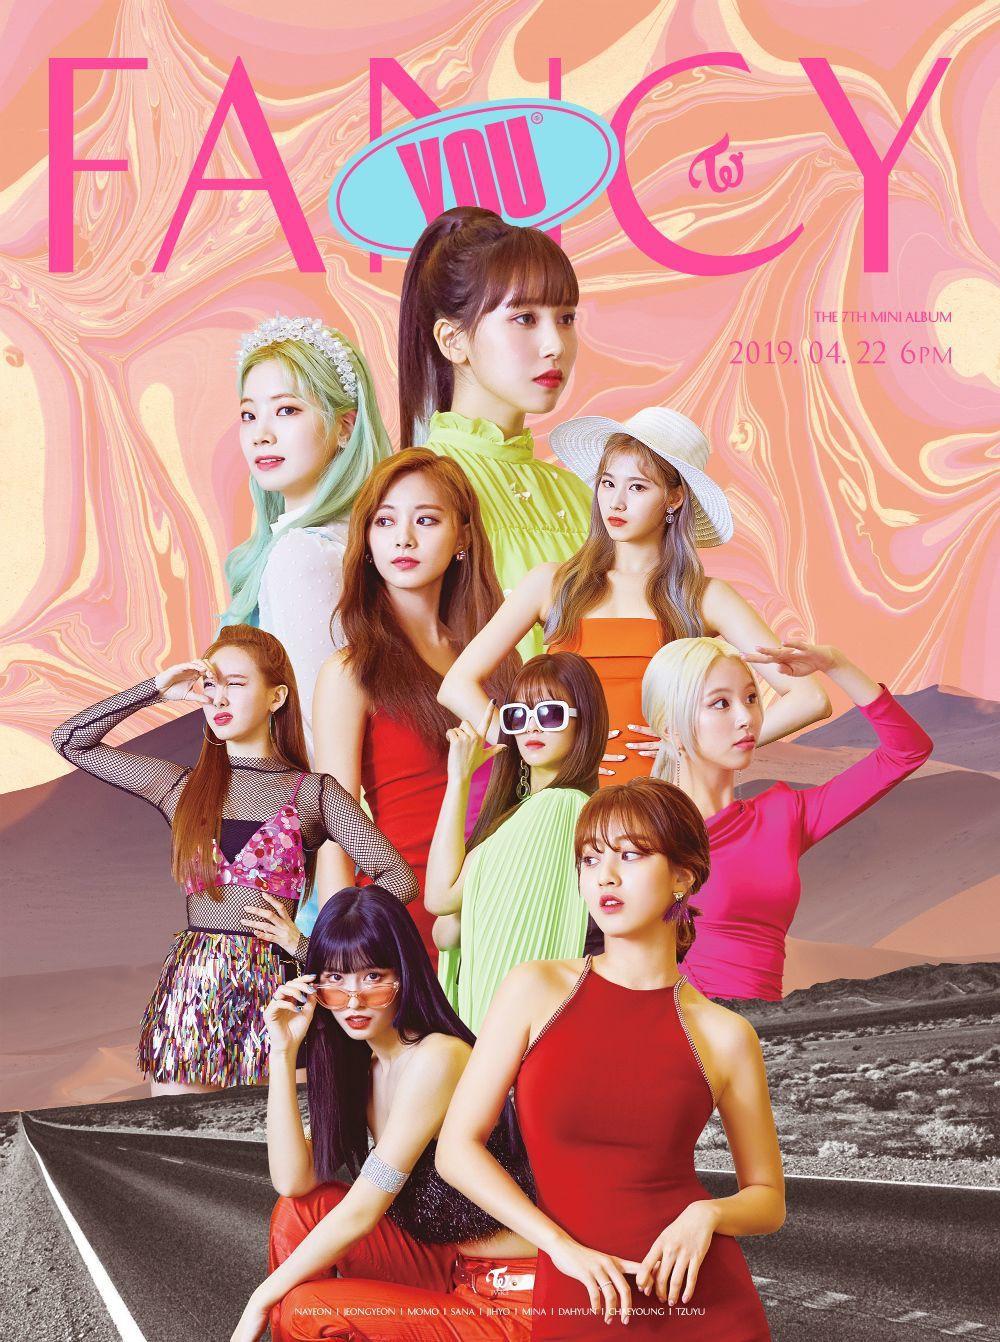 Không hổ danh nhóm nhạc hàng đầu Kpop, bộ ba BTS - Twice - Blackpink đạt chứng nhận Gaon nhờ tẩu tán lượng đĩa khủng - Ảnh 1.